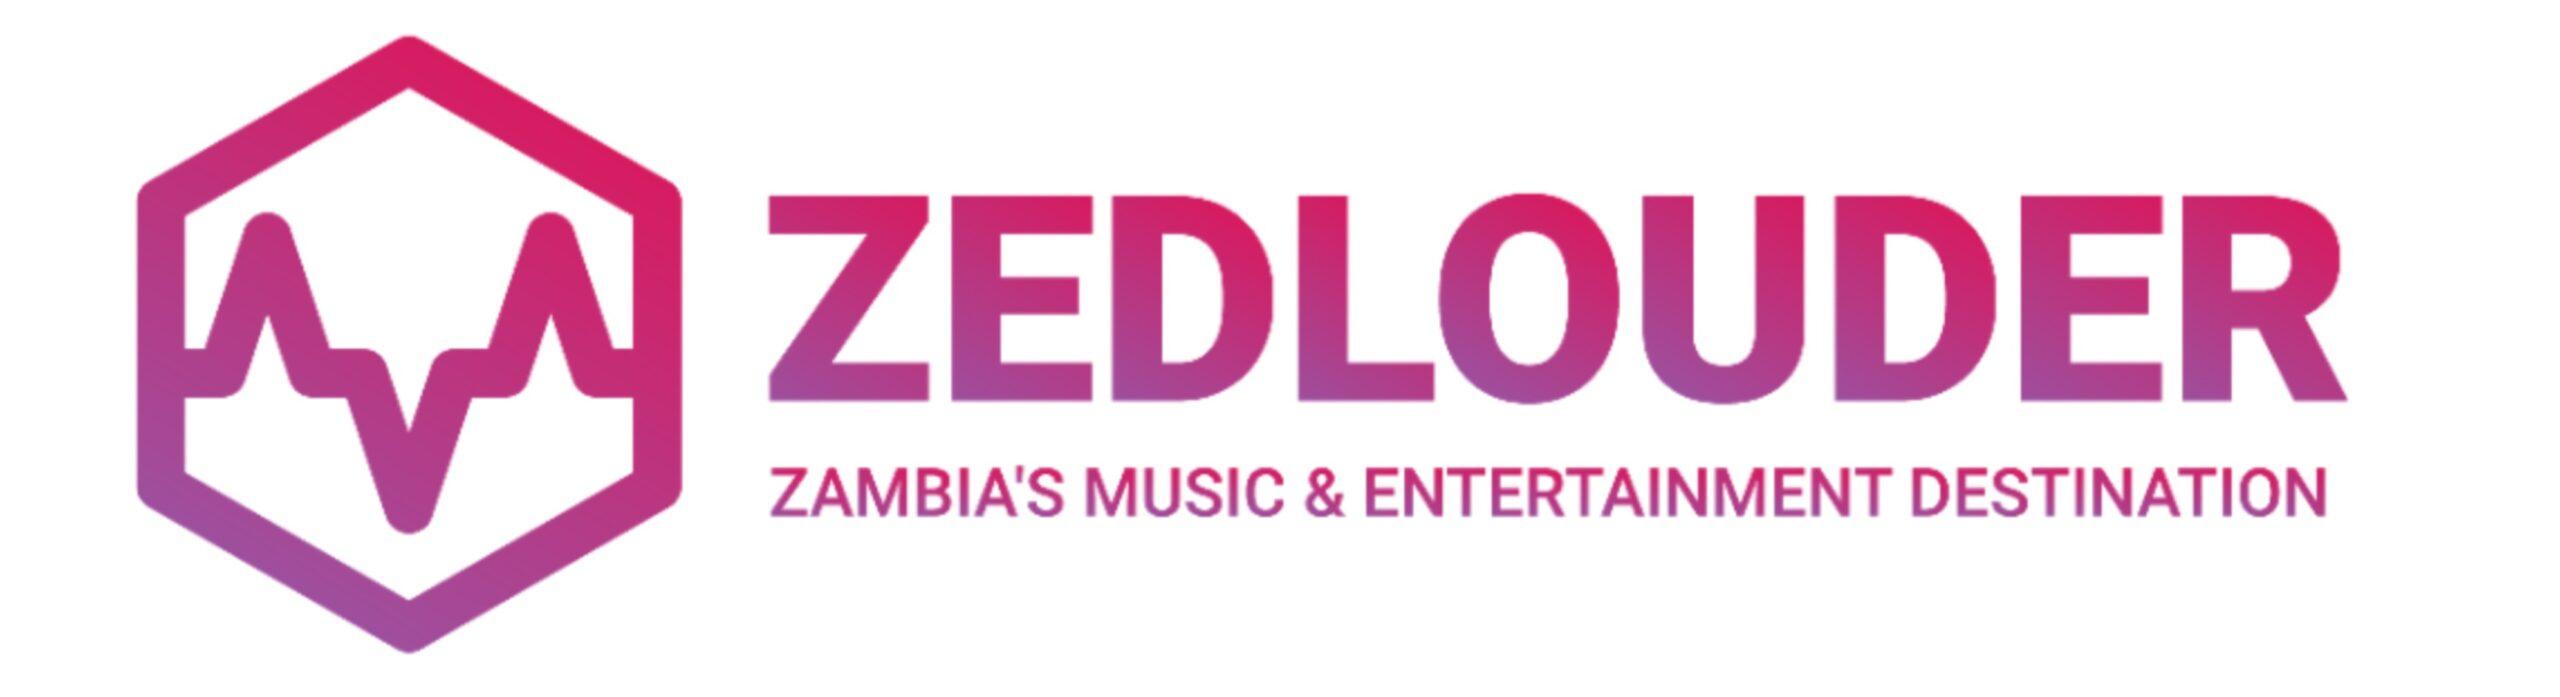 Latest Zambian Music